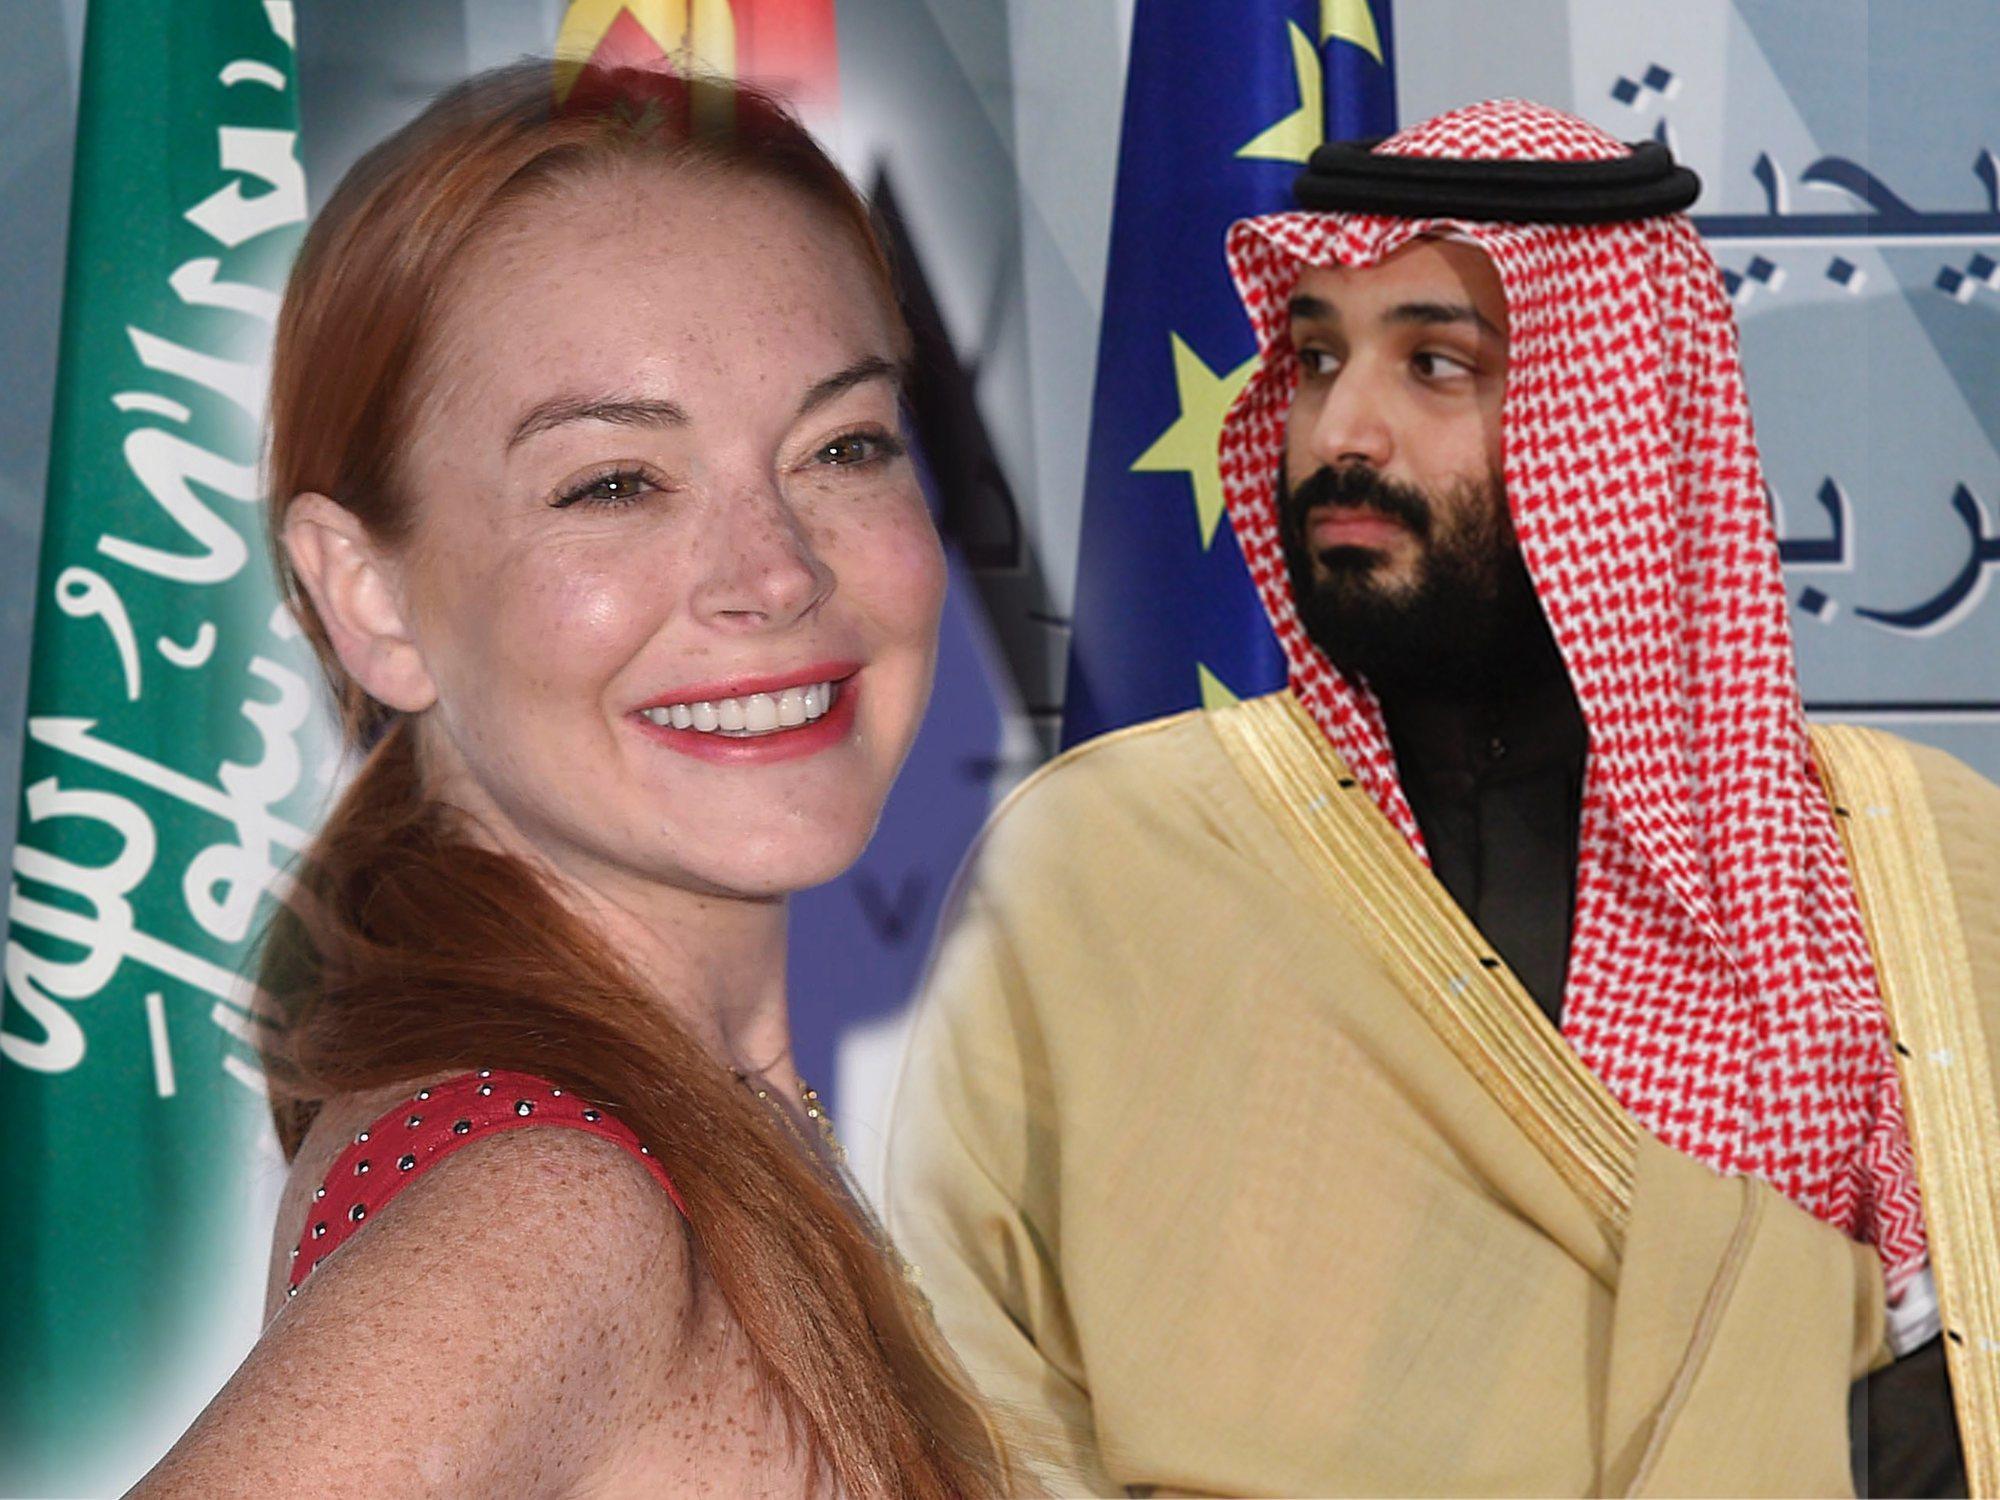 Estallan rumores de un intenso romance entre Lindsay Lohan y el heredero de Arabia Saudí